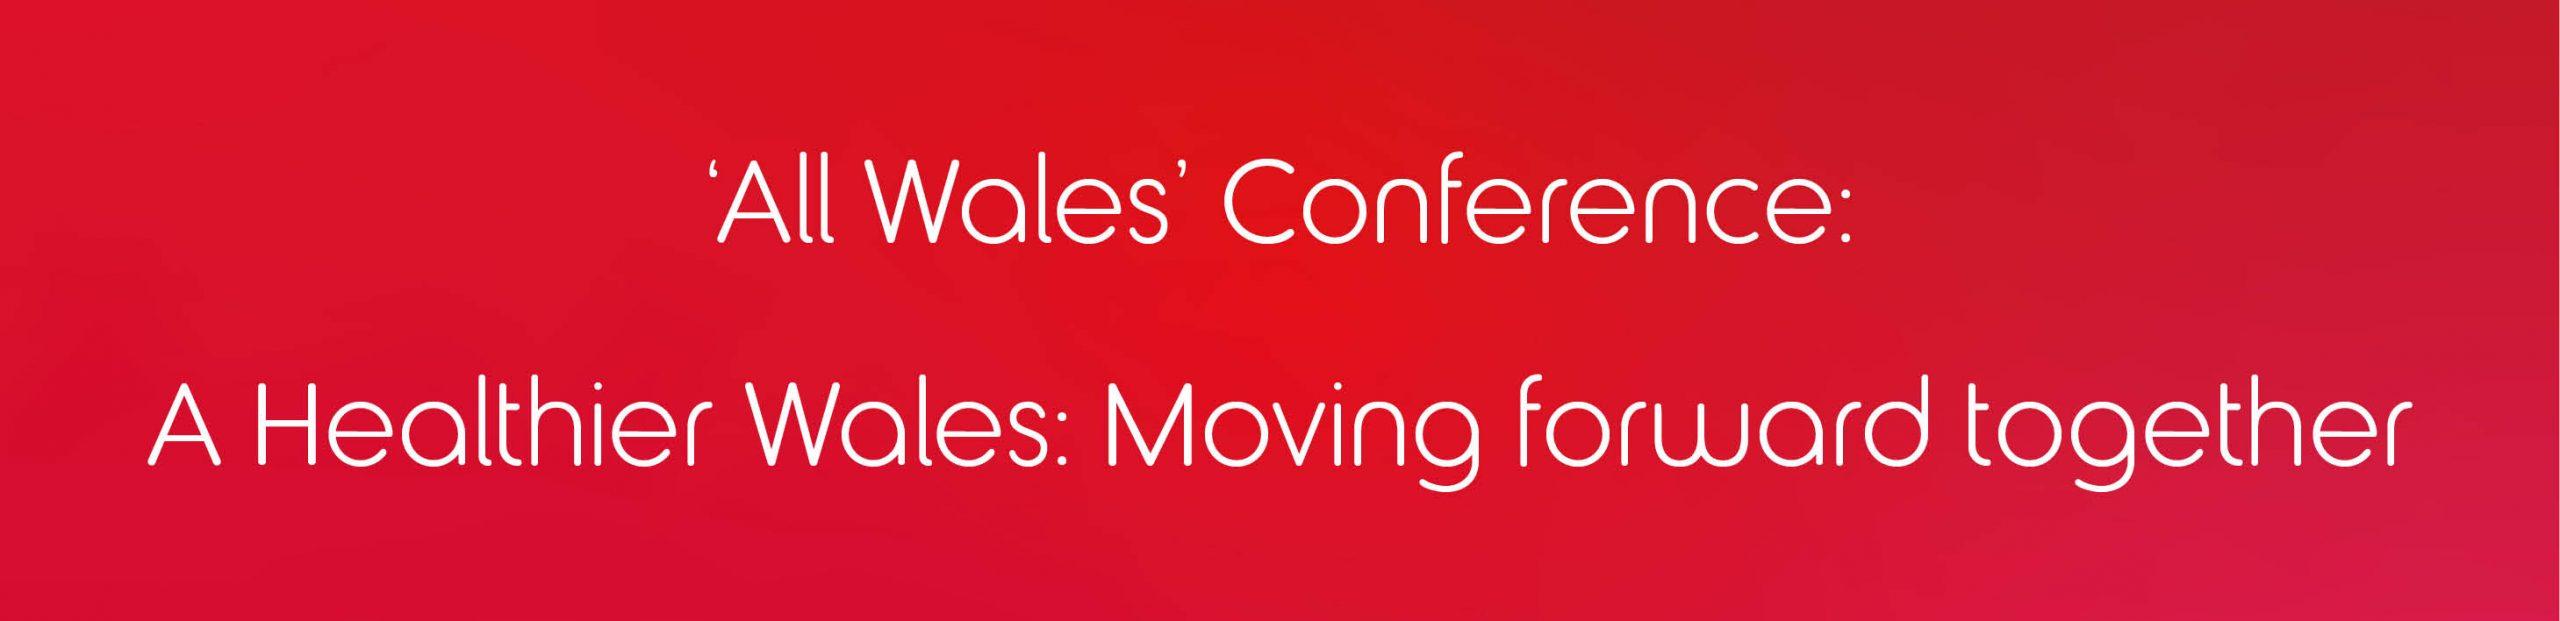 AHA Wales 2021 Conf banner no logo 700 x 170